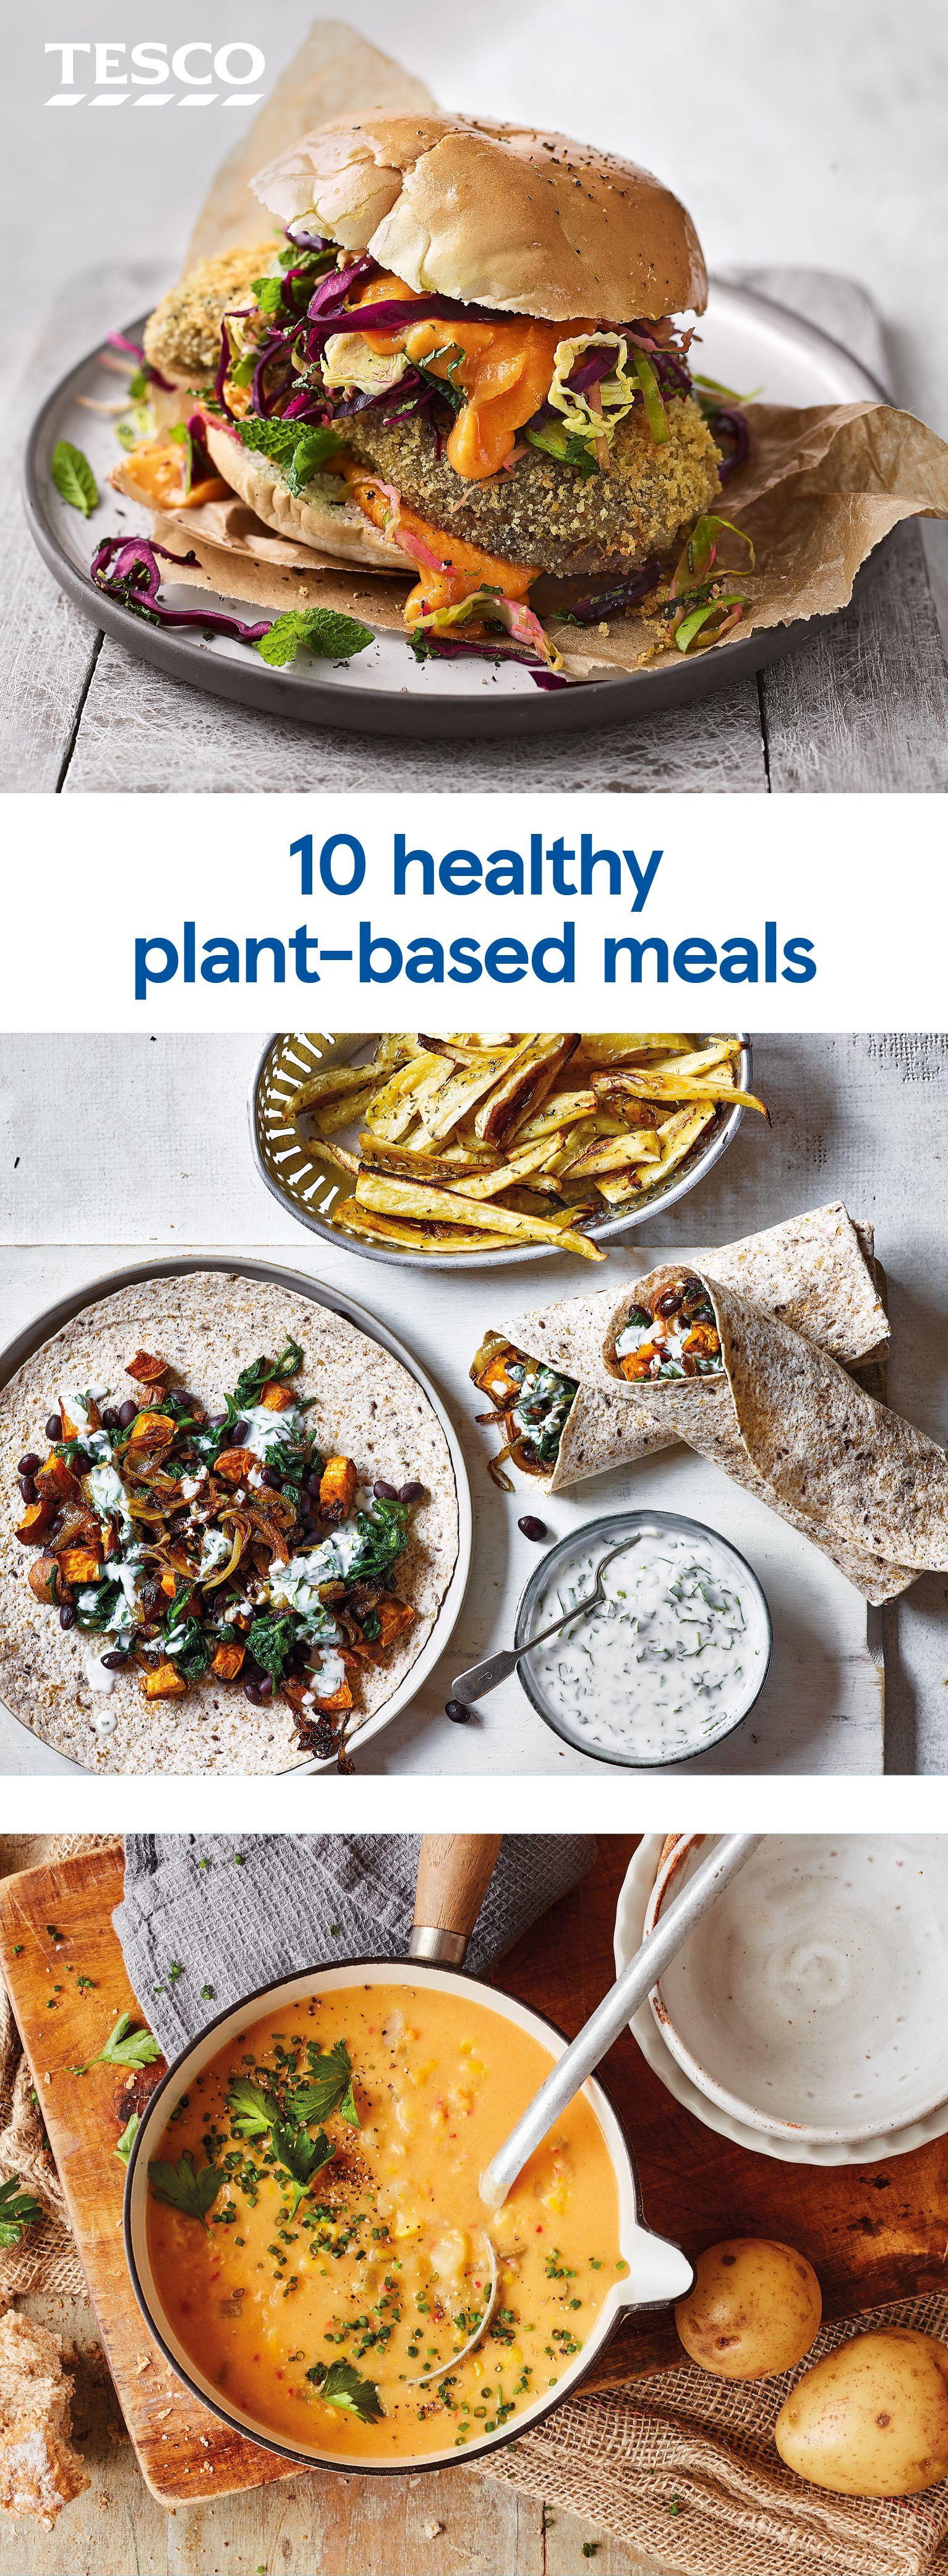 10 Healthy Vegan Recipes In 2019 Vegan Vegan Recipes